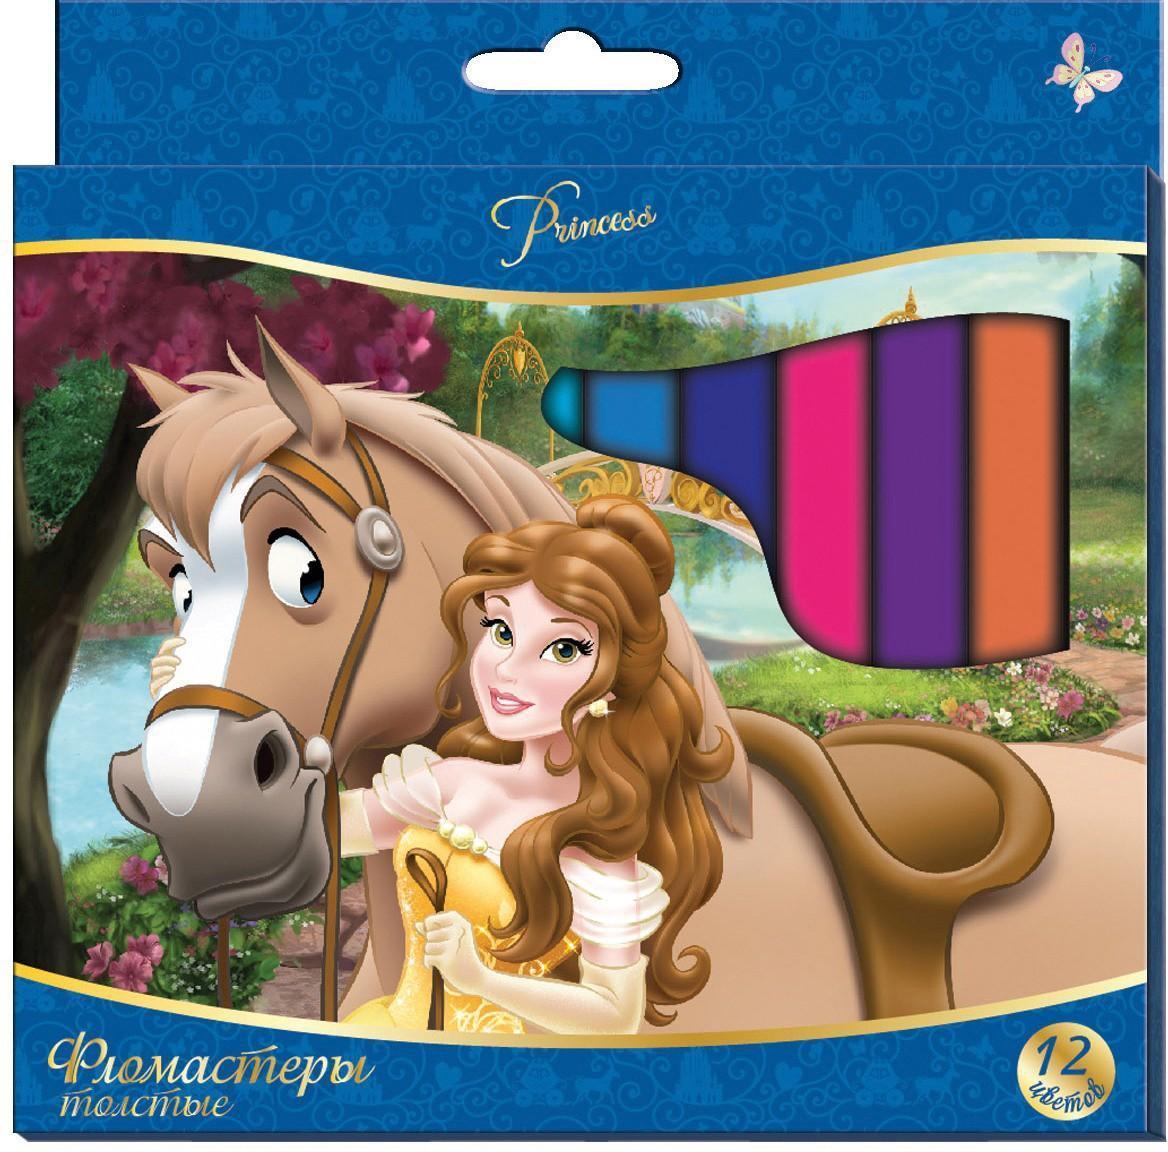 Фломастеры толстые Disney Принцессы 12цв.22606Толстые фломастеры «Disney» Принцессы предназначены для самых маленьких художников, которые только начинают свой творческий путь. Утолщенная форма корпуса фломастера создана специально для маленьких детских пальчиков. Они помогут вашему малышу создать яркие рисунки, а упаковка с героями любимого мультфильма будет долгое время радовать кроху. В наборе 12 фломастеров разных цветов, снабженных вентилируемыми колпачками, безопасными для детей. Фломастеры безопасны при использовании по назначению, изготовлены из материала, обеспечивающего прочность корпуса и препятствующего испарению чернил, благодаря чему они имеют долгий срок службы. Длина корпуса 145 мм, толщина линии письма 1,5 мм. Гарантийный срок хранения: 24 месяца. В наборе «Pampered Girls» серии «Клематис» 2 механических карандаша. Состав: пластик, металл, чернографитный грифель. Срок годности не ограничен. Поверхность: Бумага. Для рисования. Материал: Пластик.